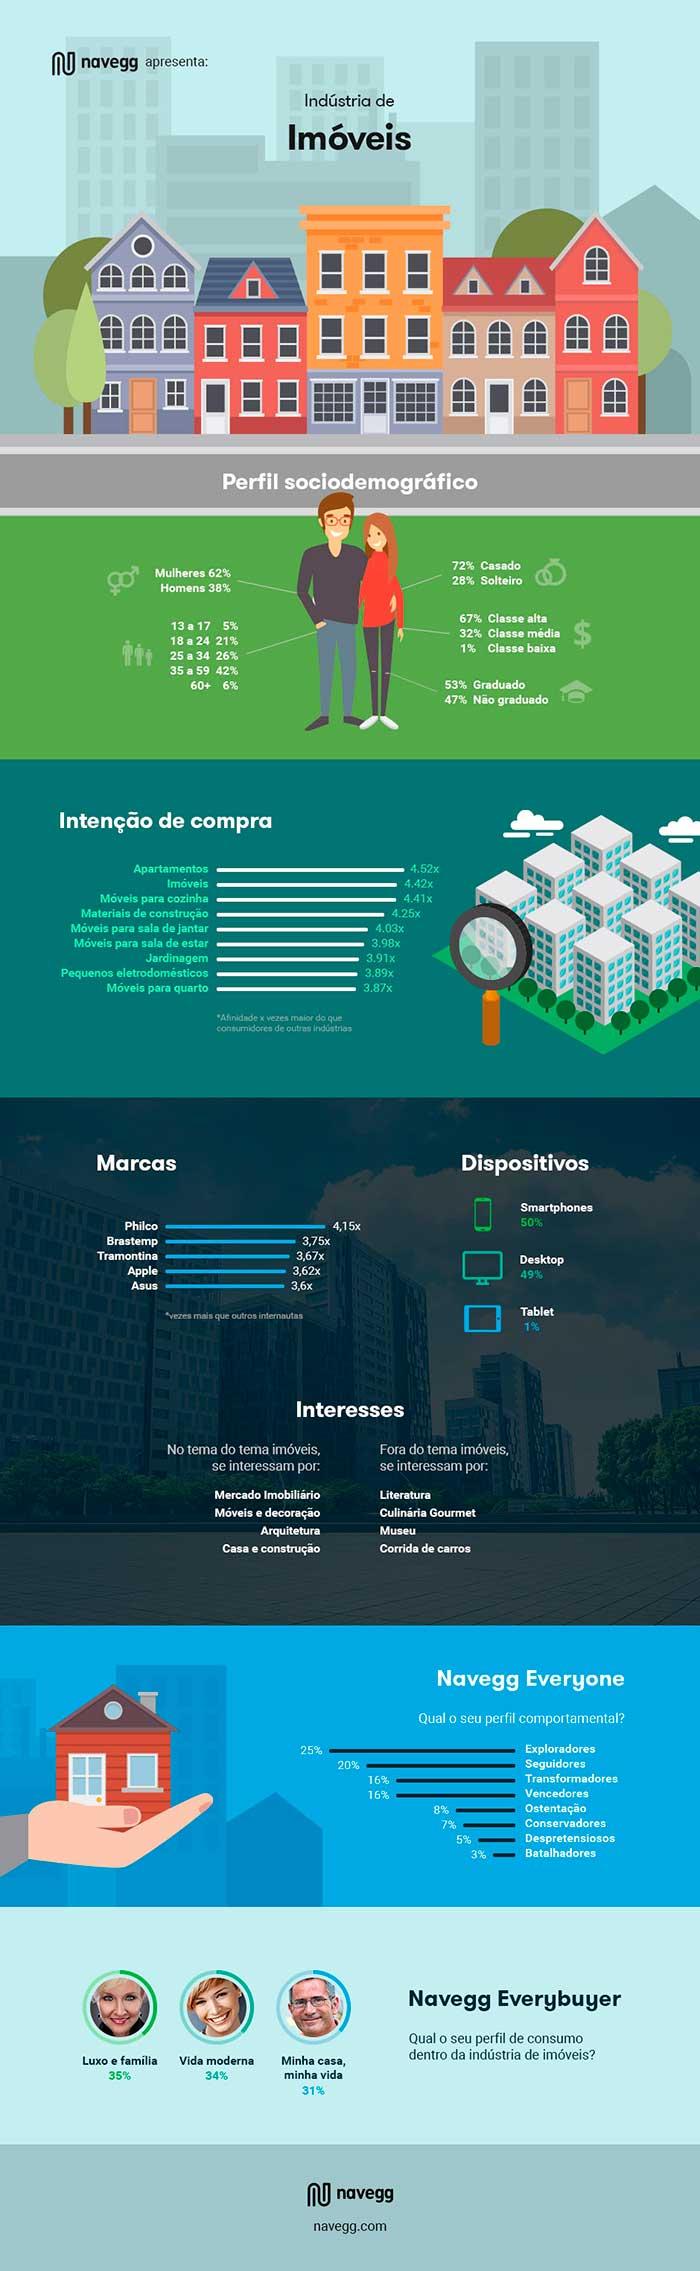 [Infográfico] O perfil dos brasileiros interessados em imóveis